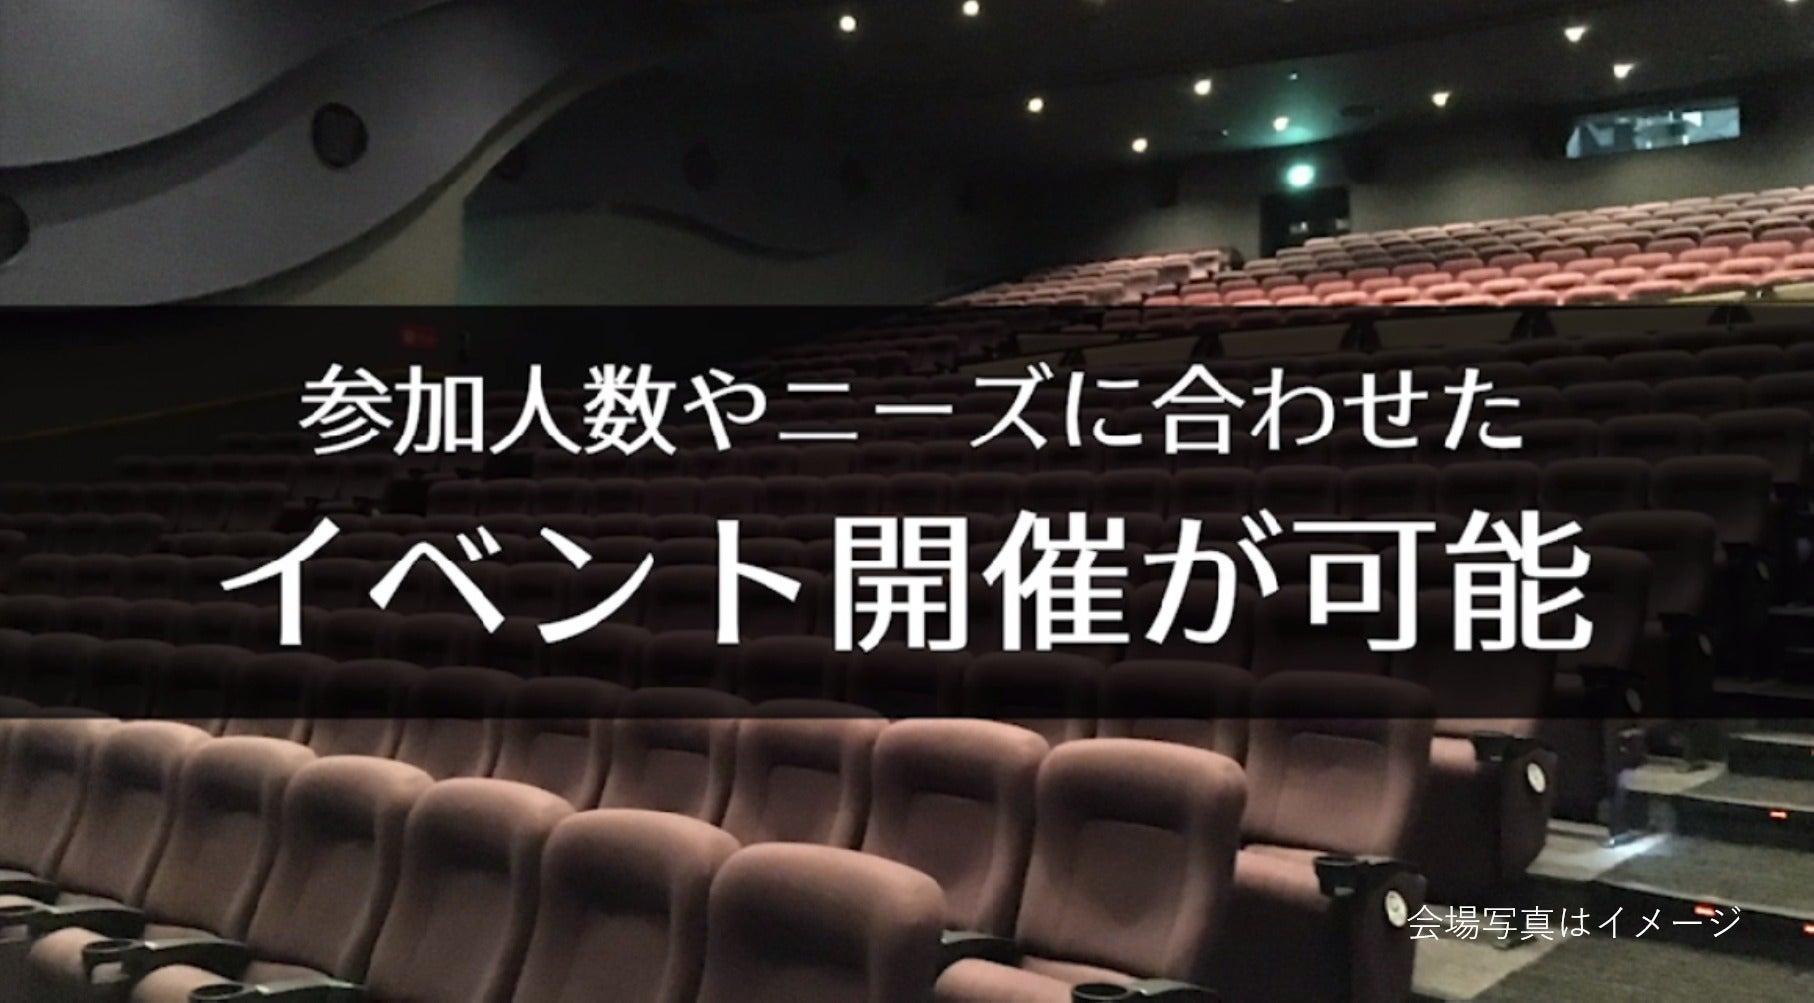 【前橋 274席】映画館で、会社説明会、株主総会、講演会の企画はいかがですか? の写真